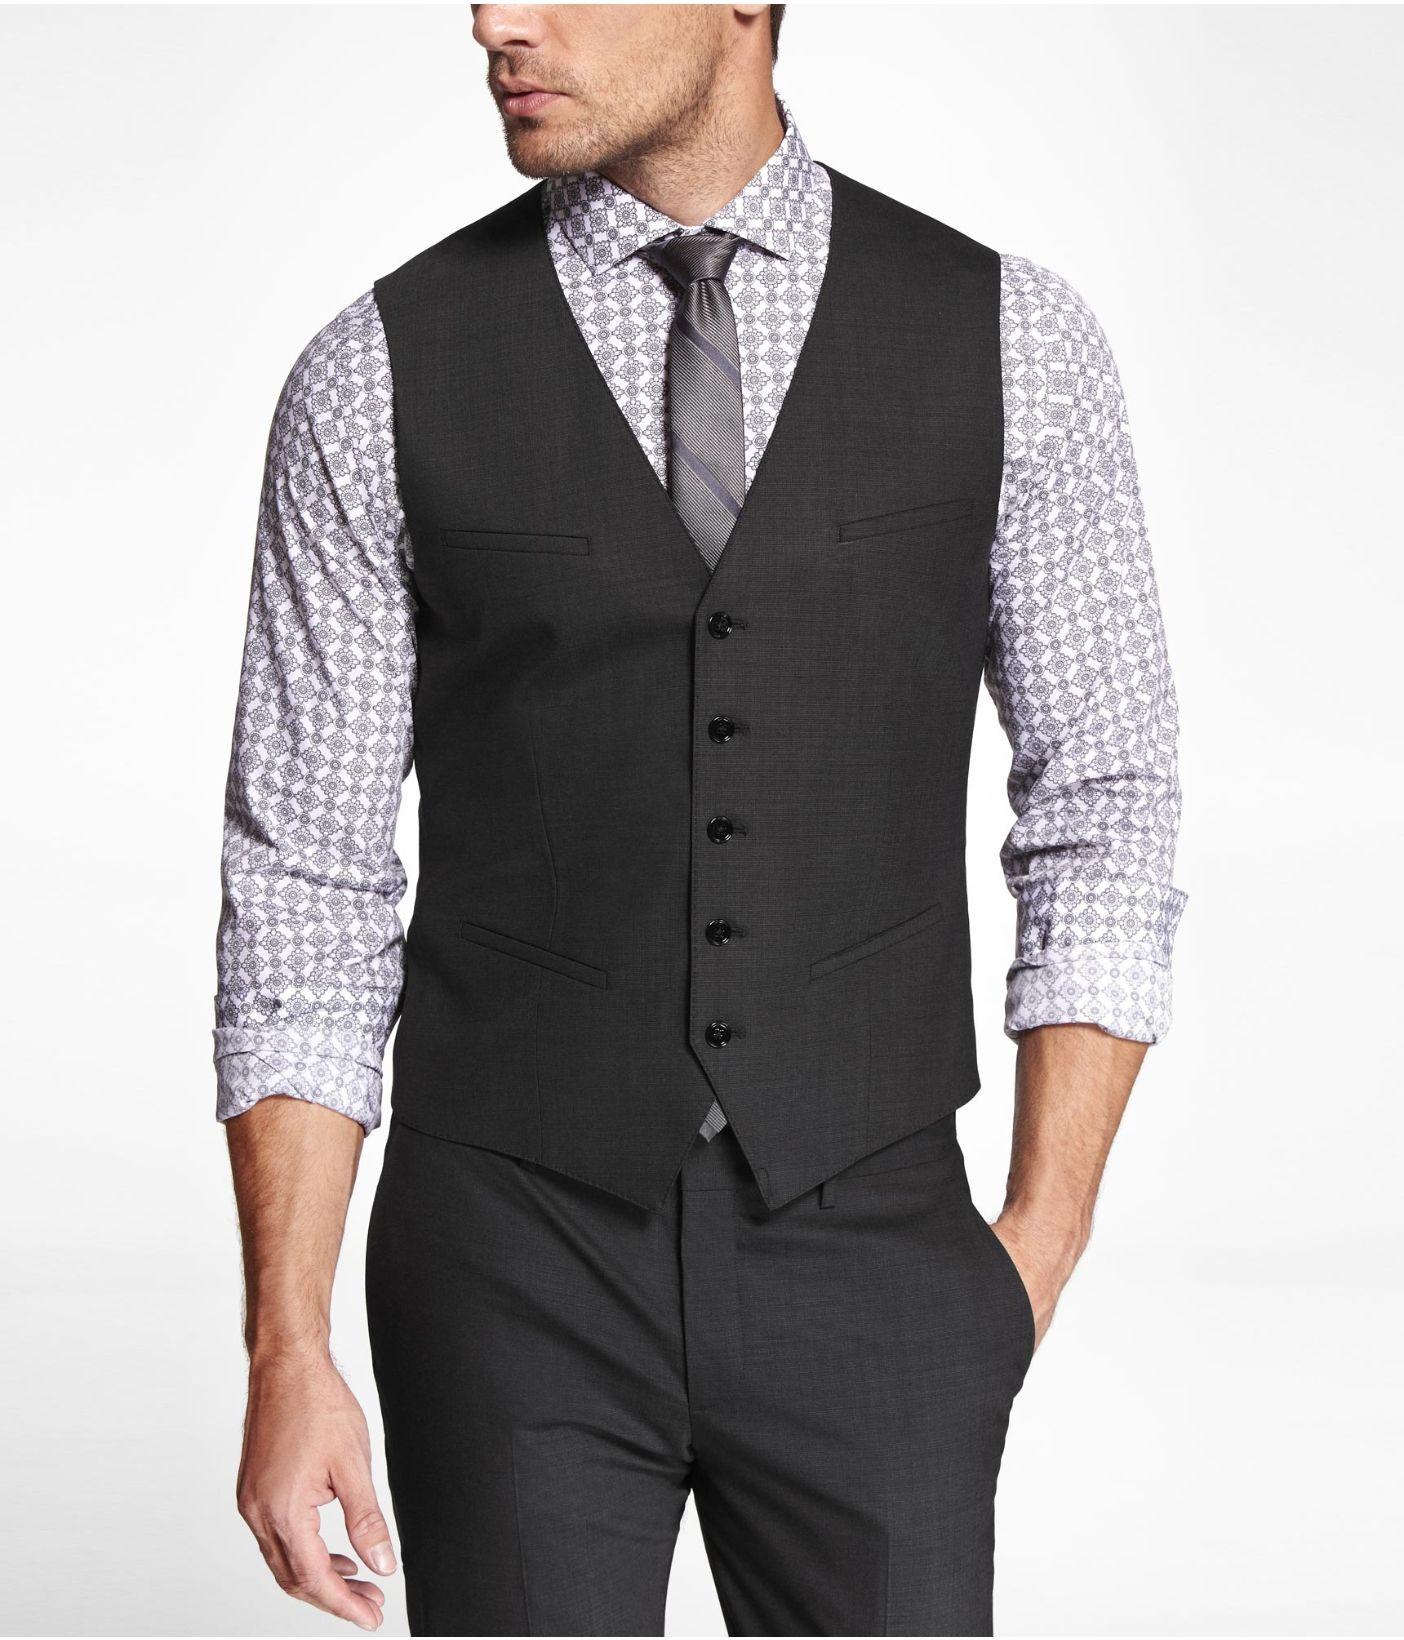 End On End Suit Vest Mens Outfits Clothes Mens Full Suits [ 1640 x 1404 Pixel ]